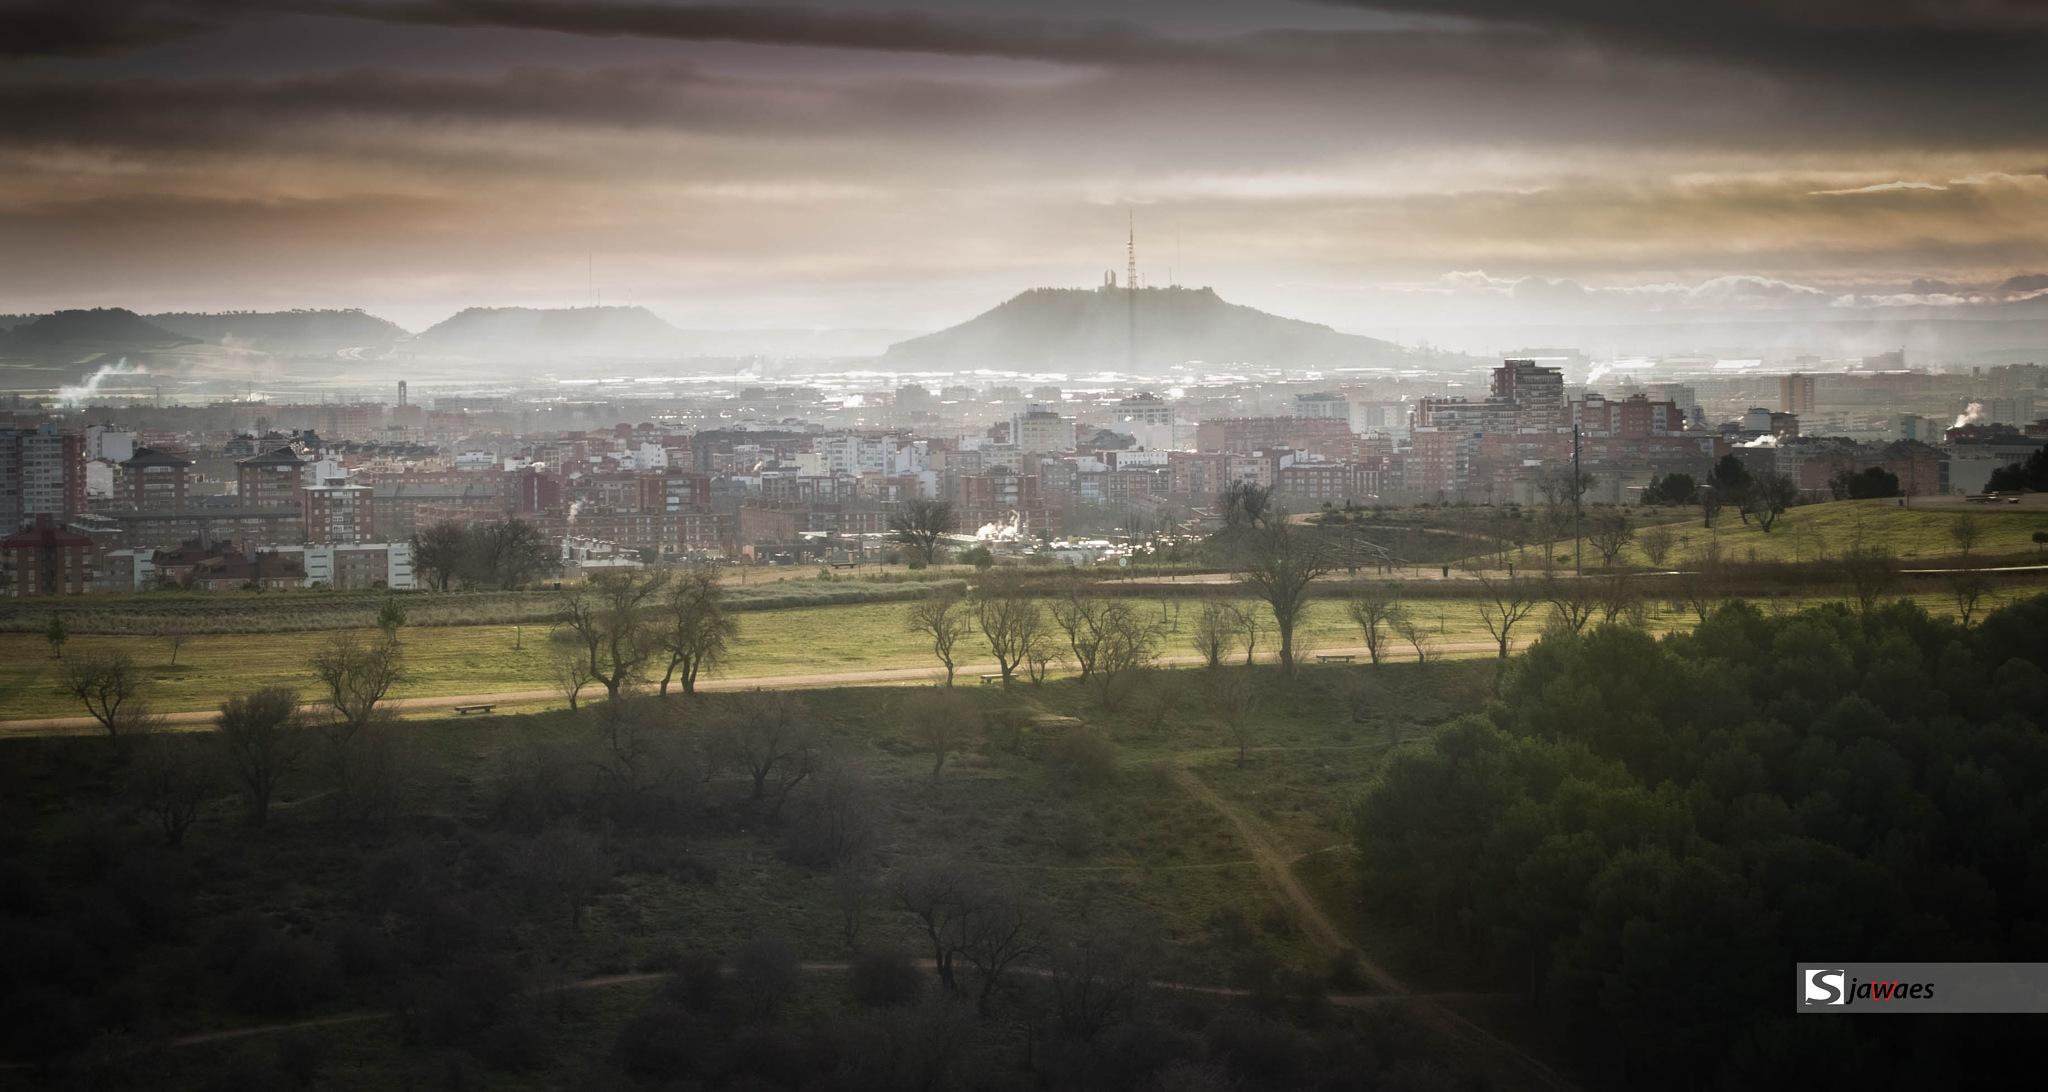 Amanecer entre Brumas en Castilla by Javier Sanz Perez